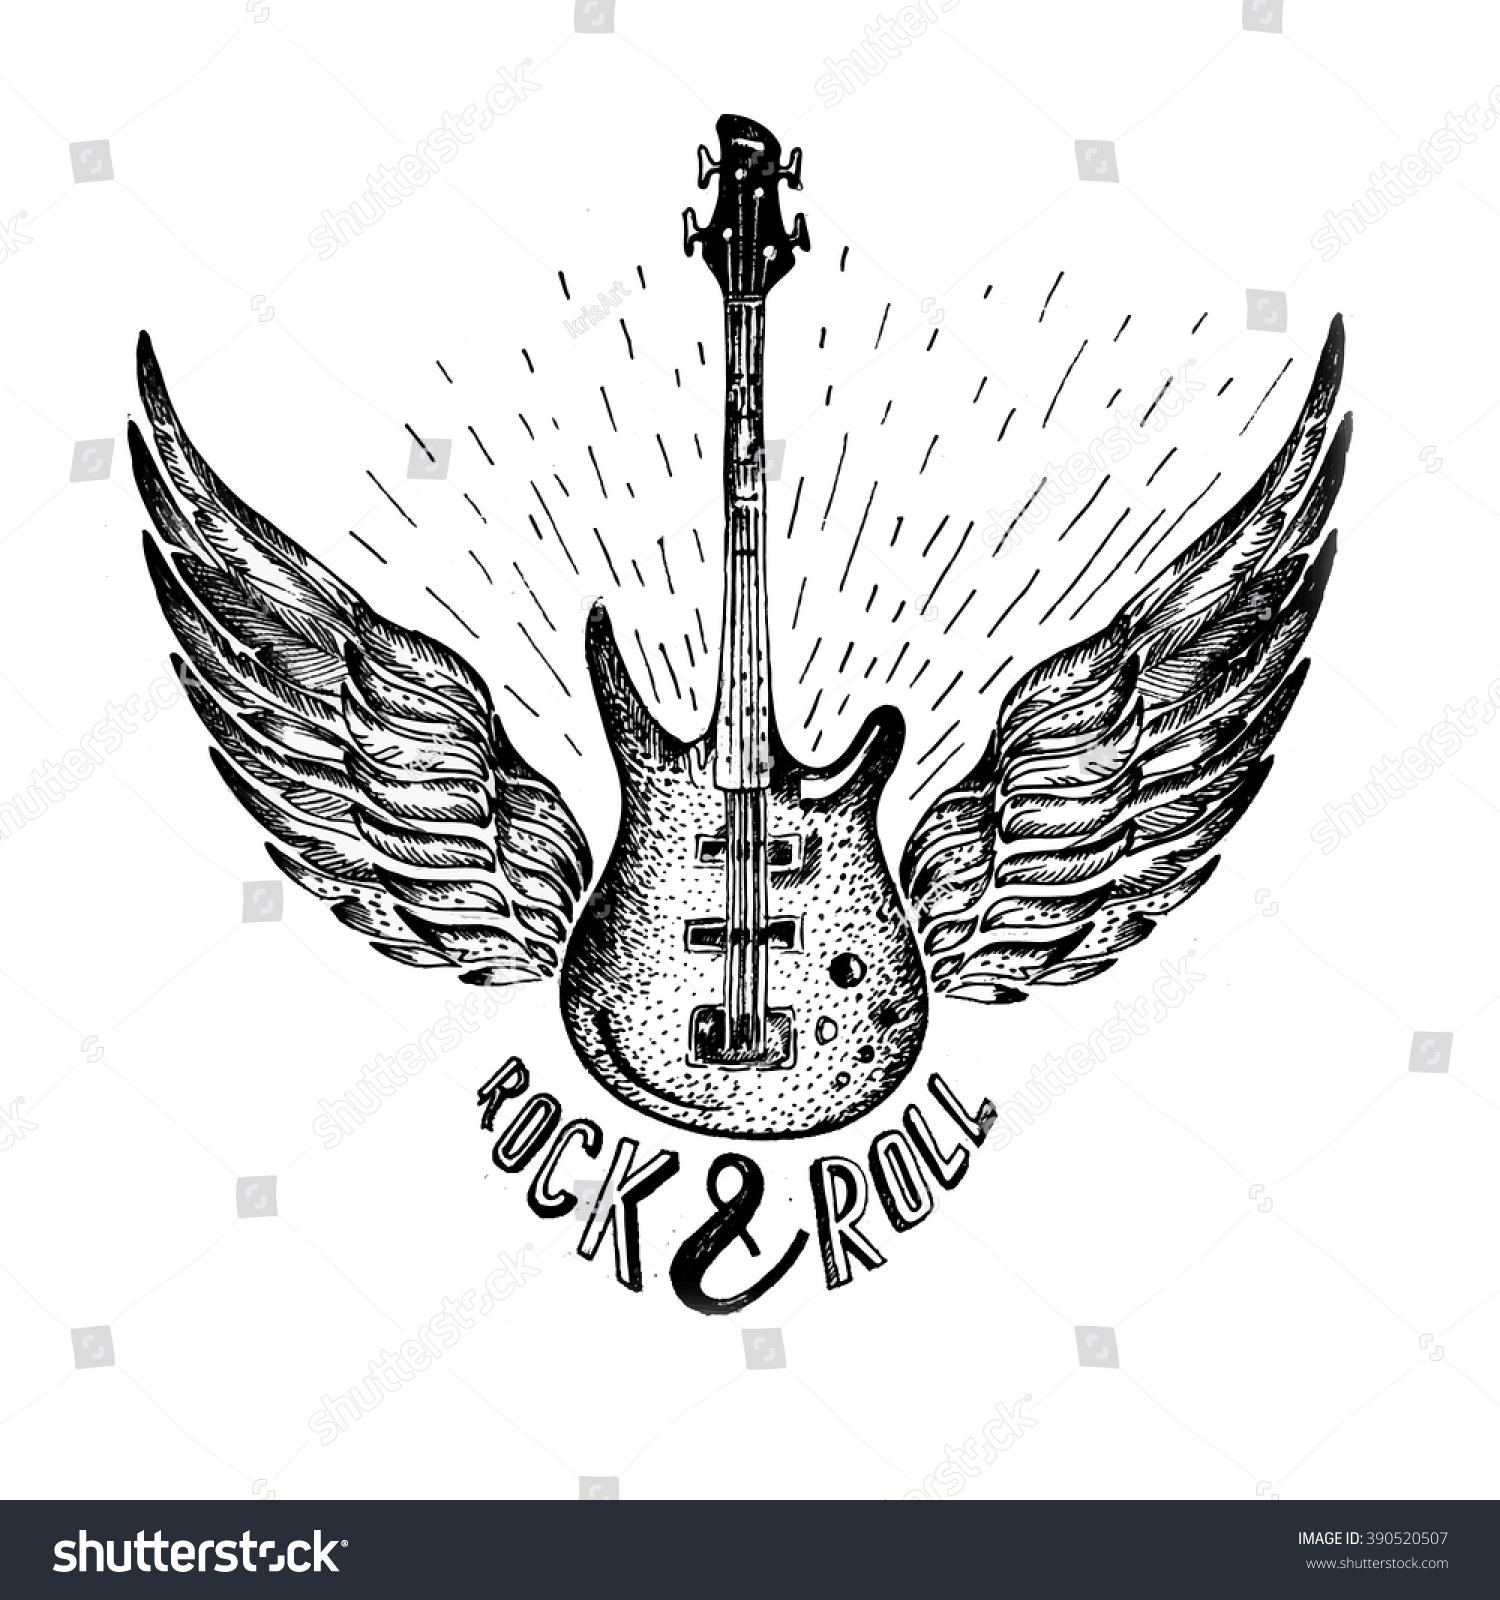 Forever Kid Rock Download